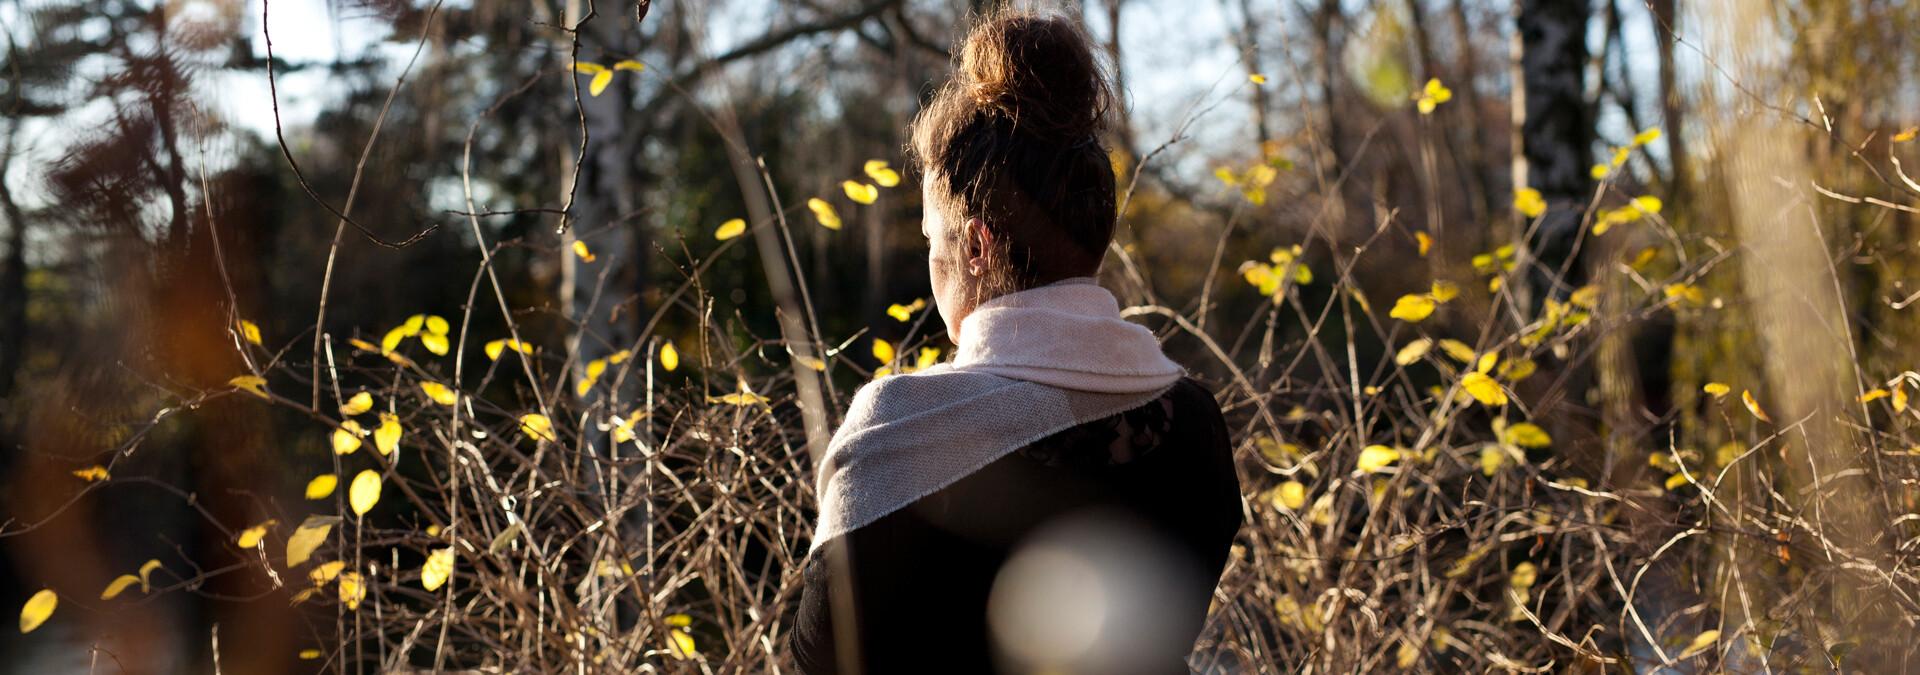 Anonym voldsudsat kvinde på krisecenter ser ud over sø